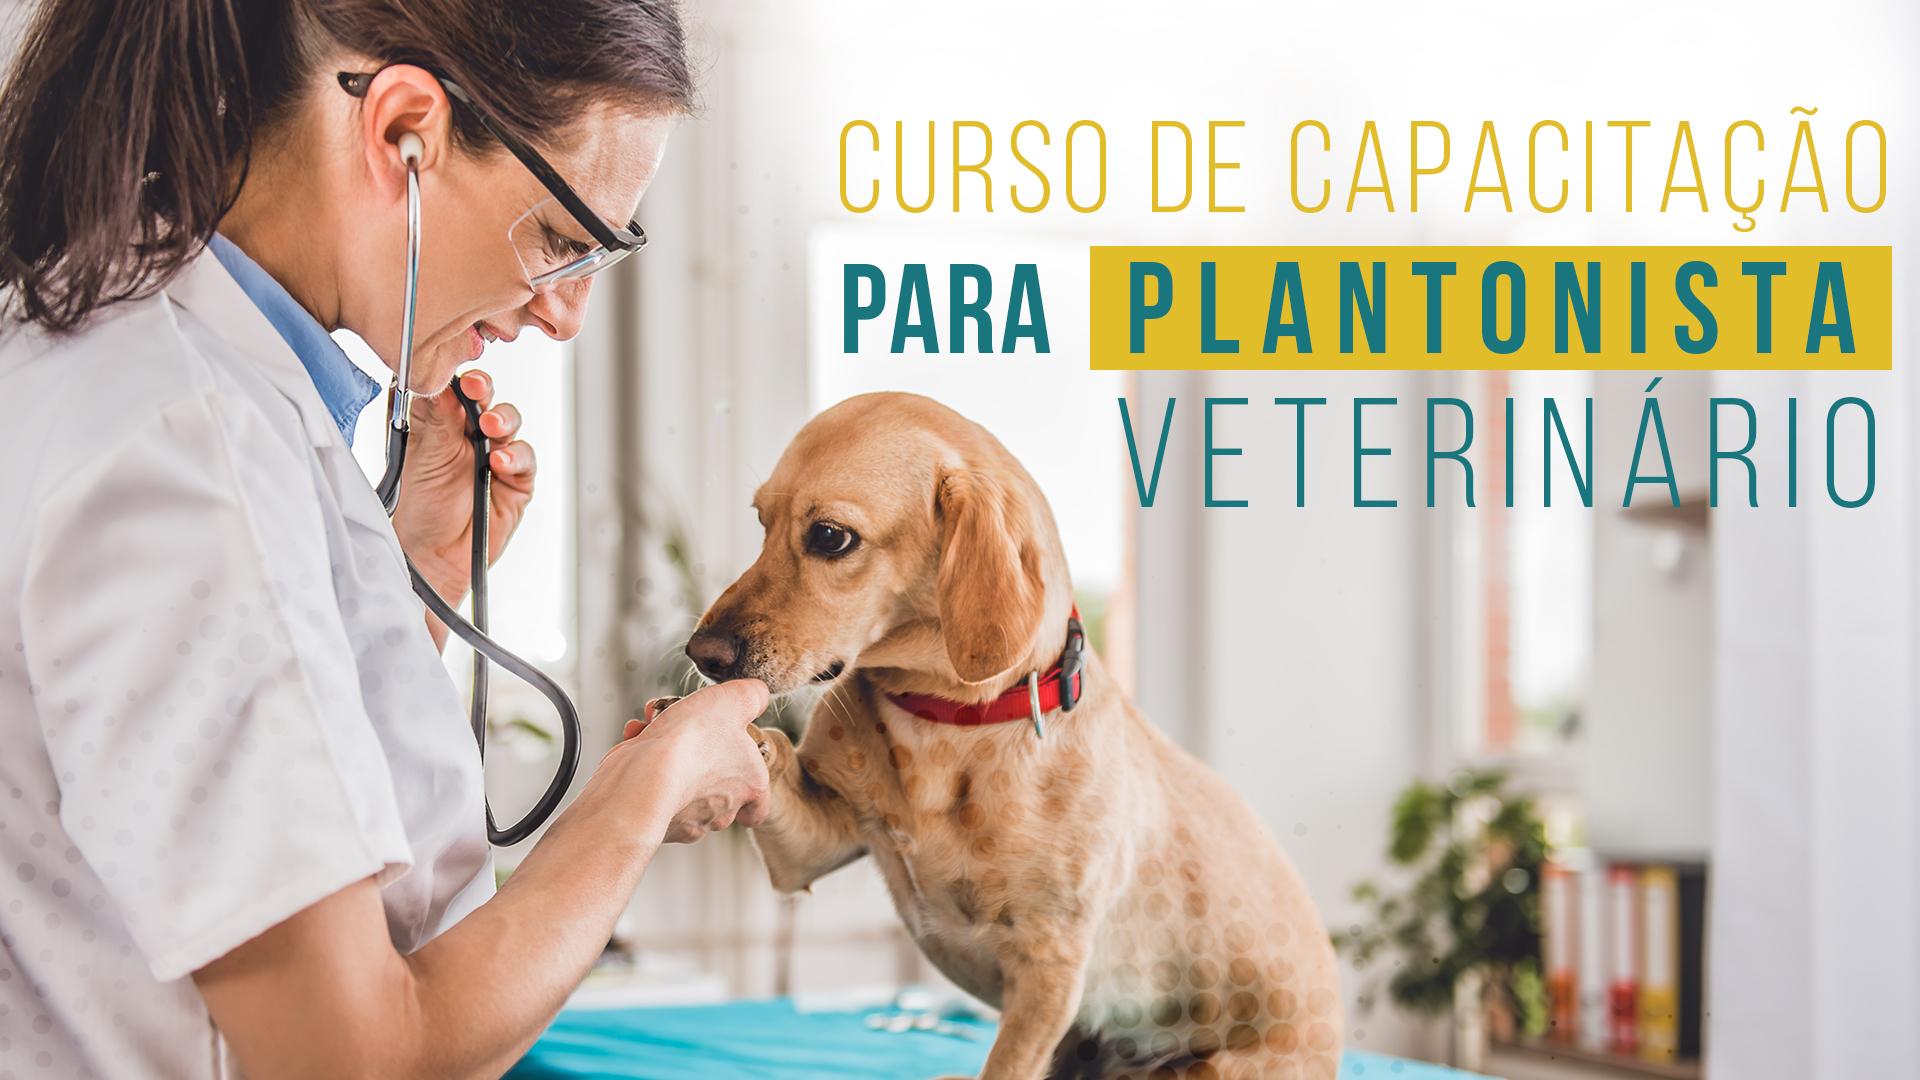 Curso de Capacitação para Plantonista Veterinário